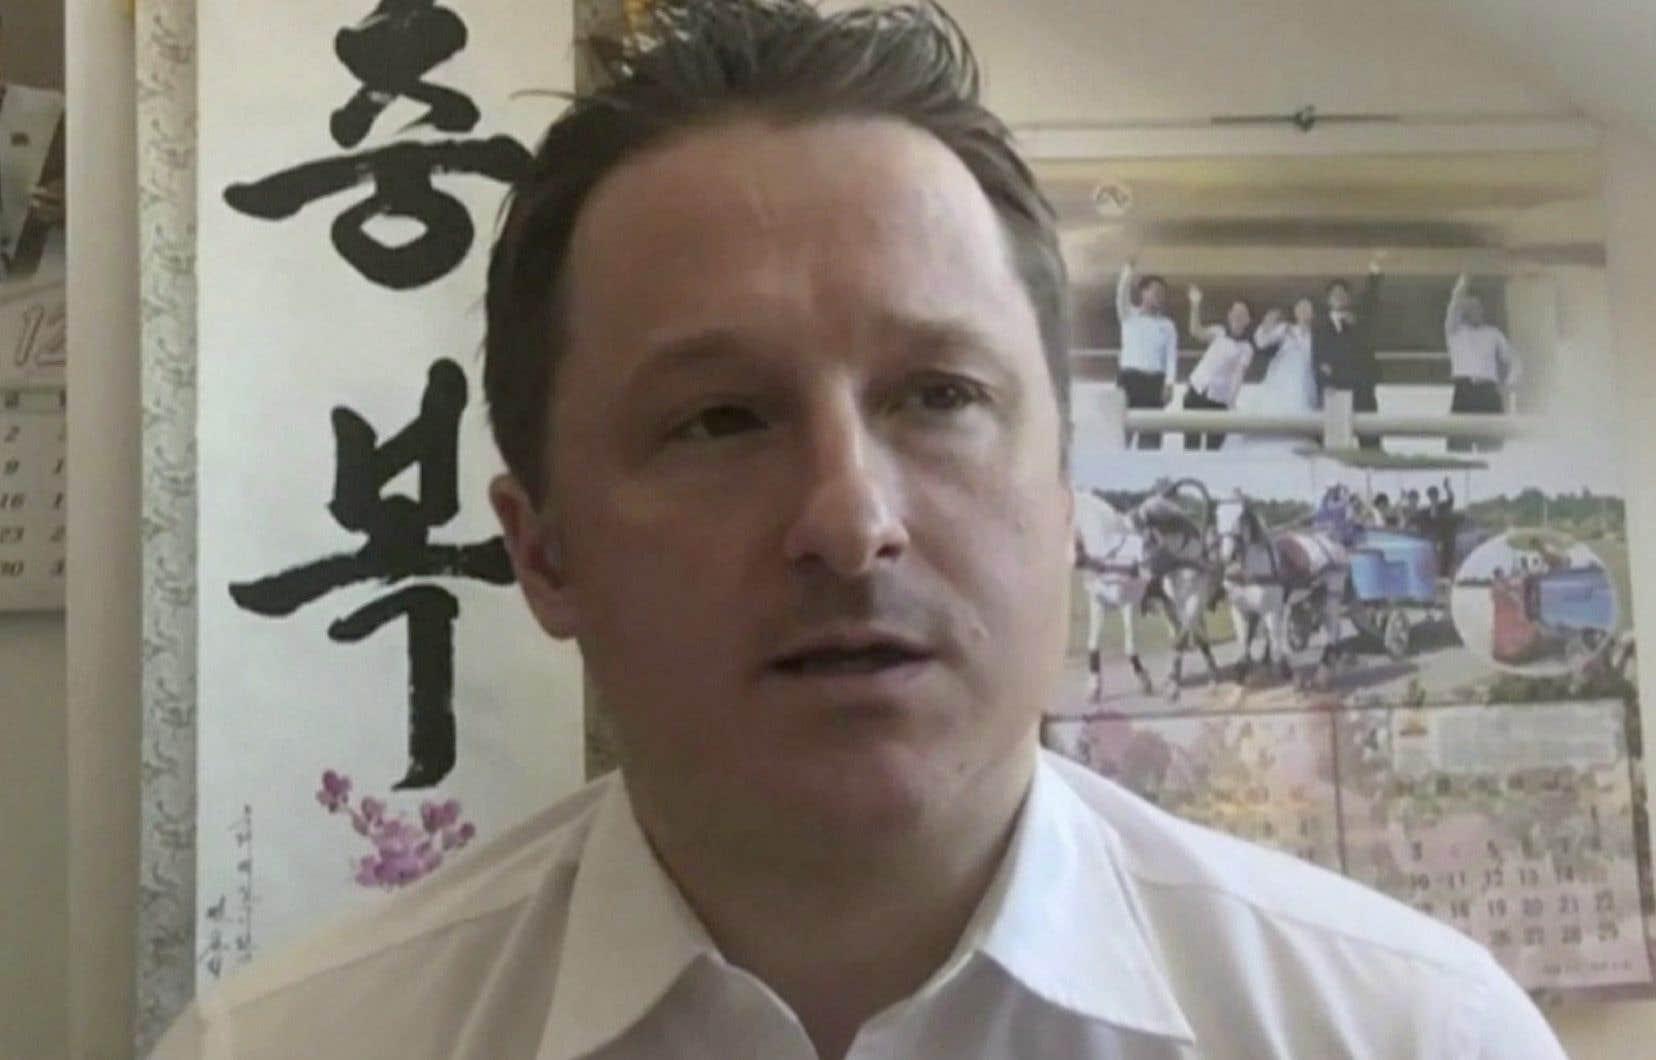 Un communiqué d'Affaires mondiales Canada indique que l'ambassadeur canadien en Chine a pu rencontrer M. Spavor dimanche et que les autorités consulaires continueront de lui offrir leur soutien, sans fournir plus de détails.